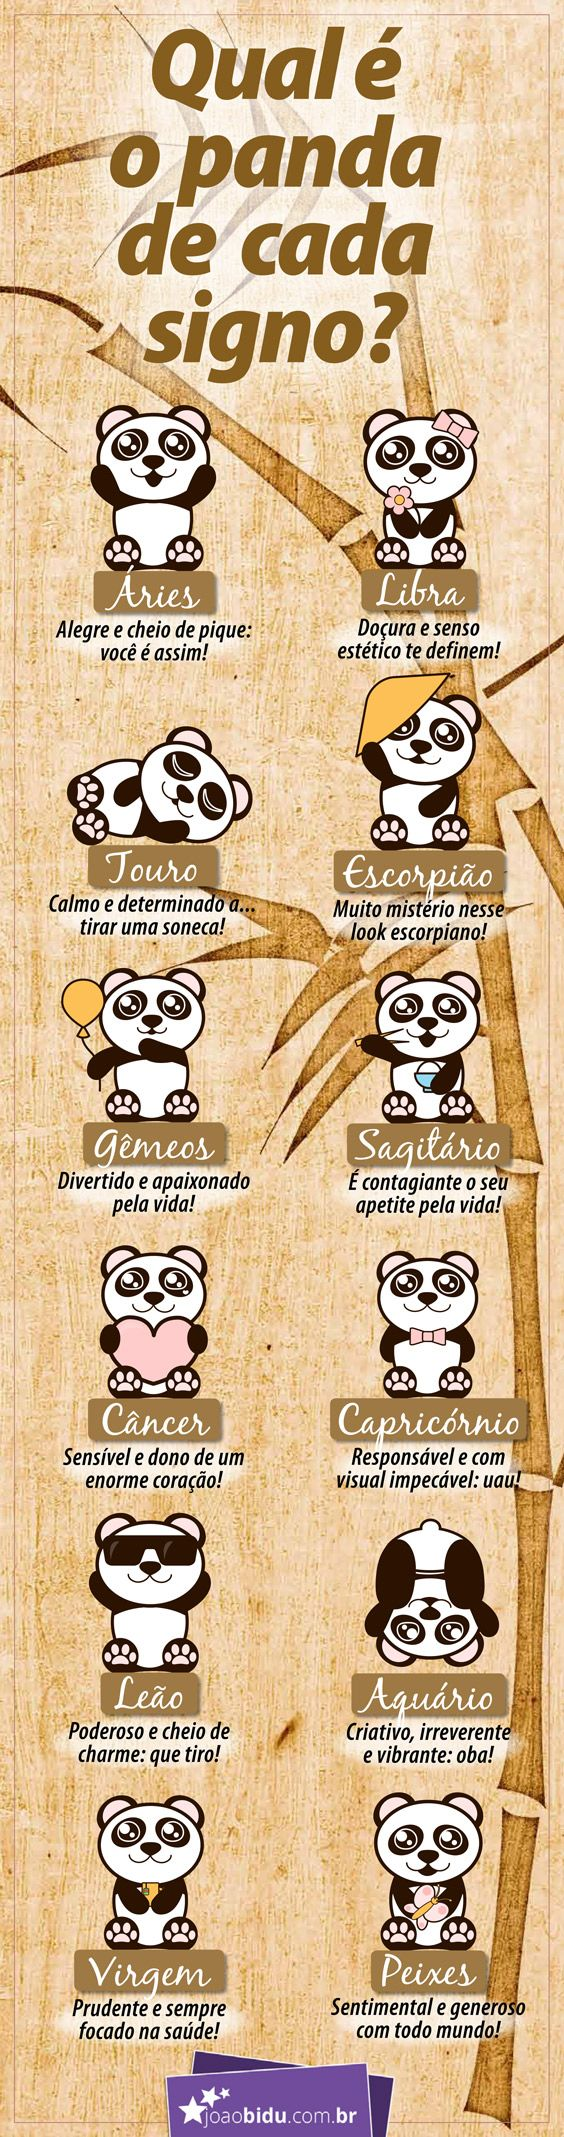 Conheça o Panda de cada signo!